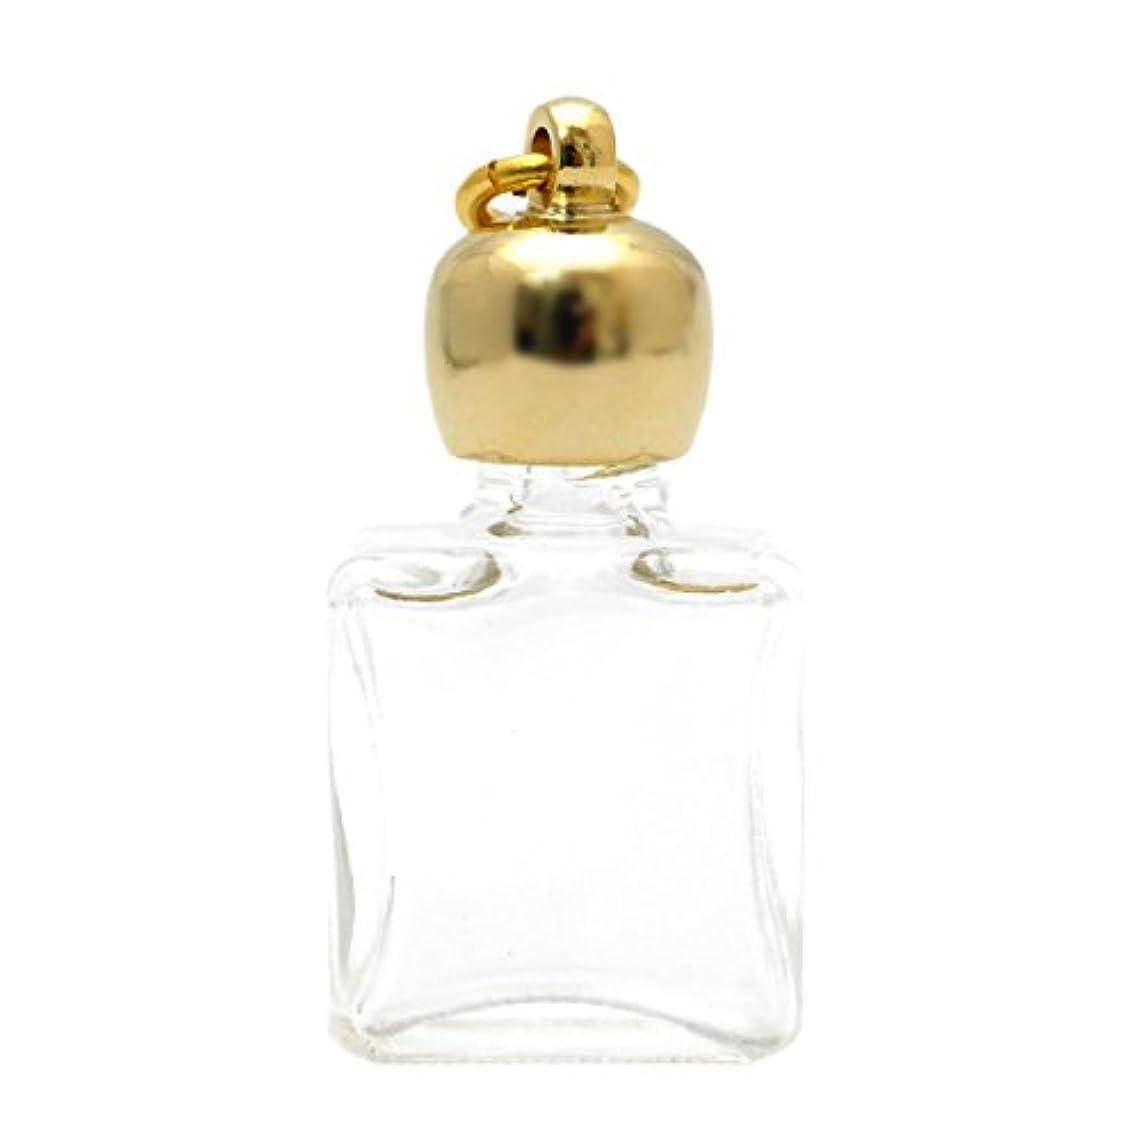 飾る独立してアナログミニ香水瓶 アロマペンダントトップ 平角スキ(透明)1ml?ゴールド?穴あきキャップ、パッキン付属